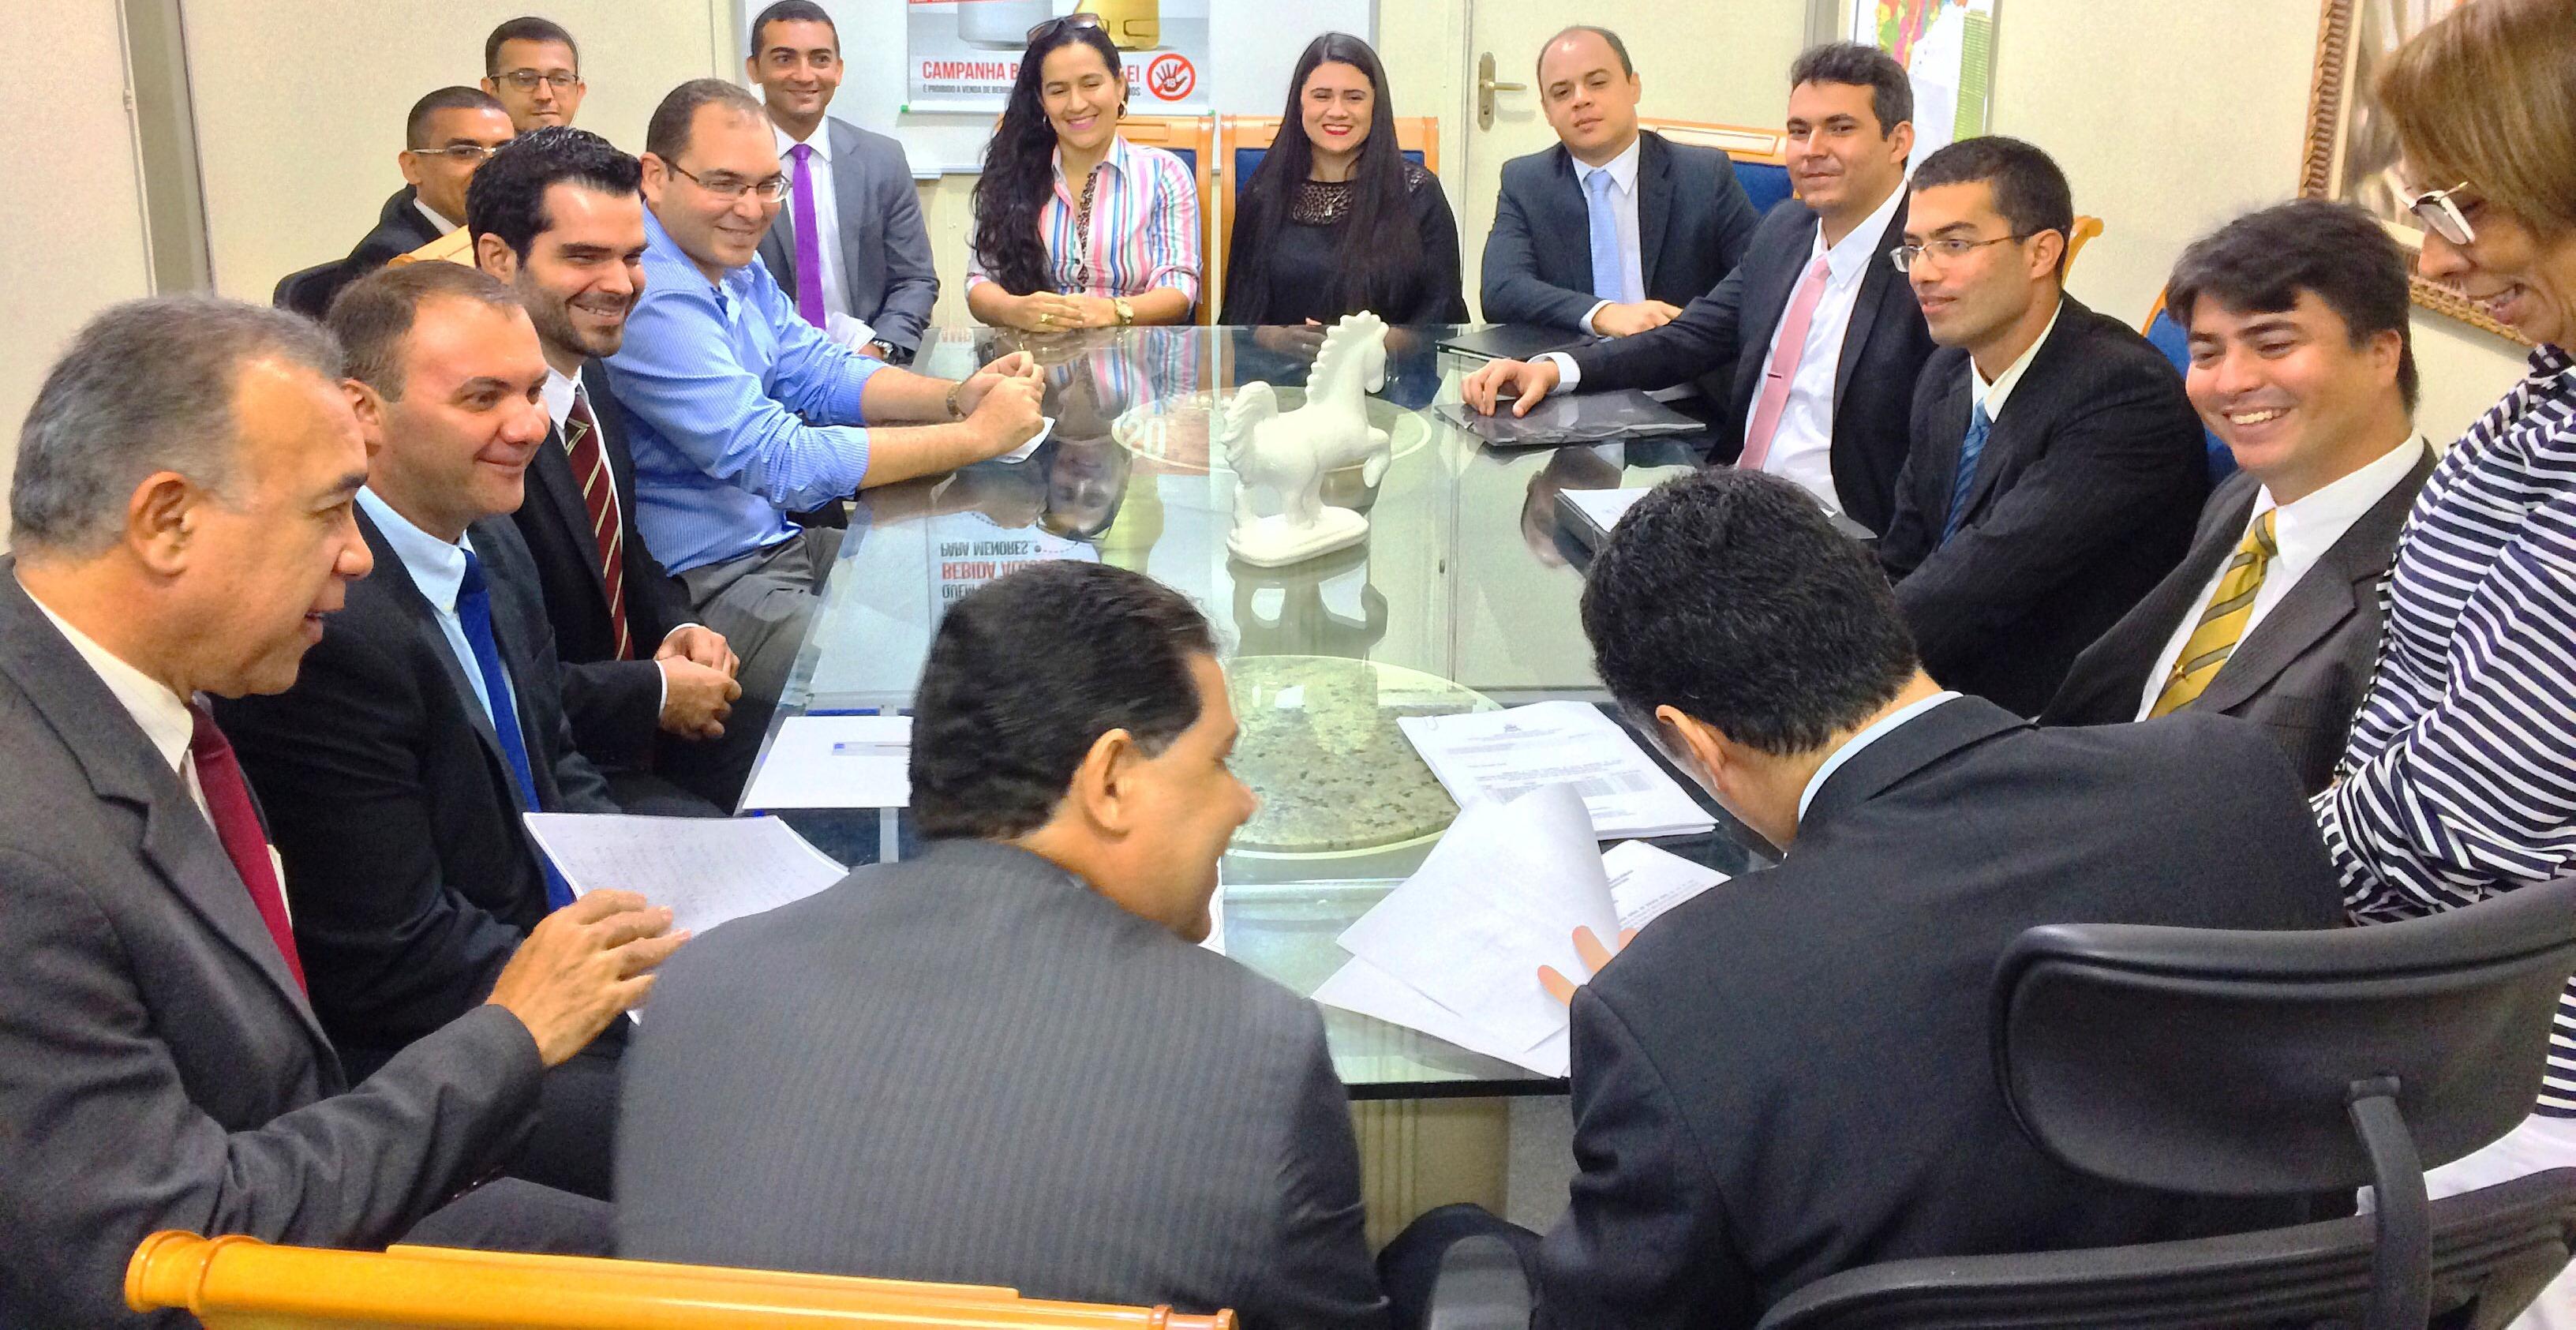 Novos delegados tomam posse na Secretaria de Segurança Pública